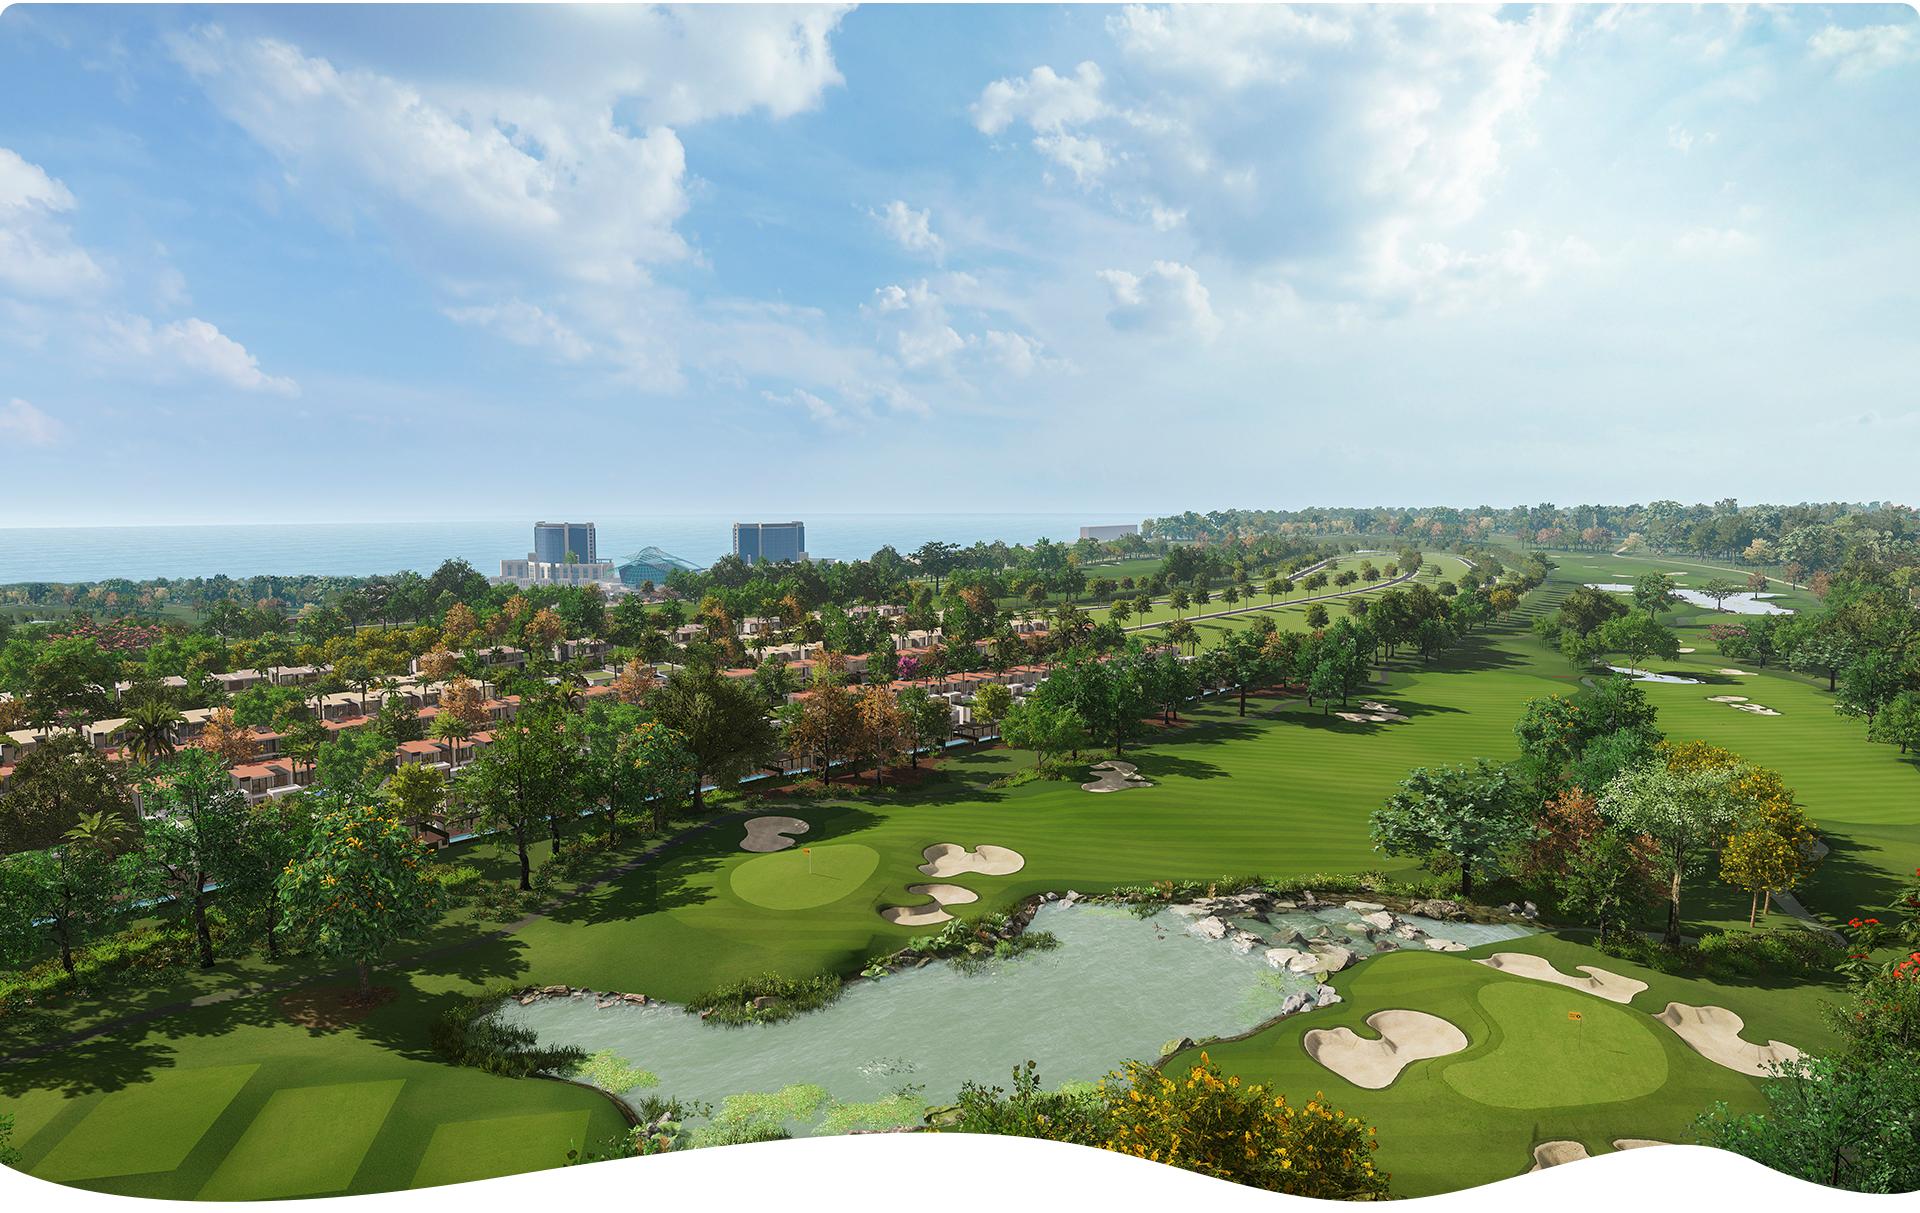 Biệt thự biển sân golf 2020 16